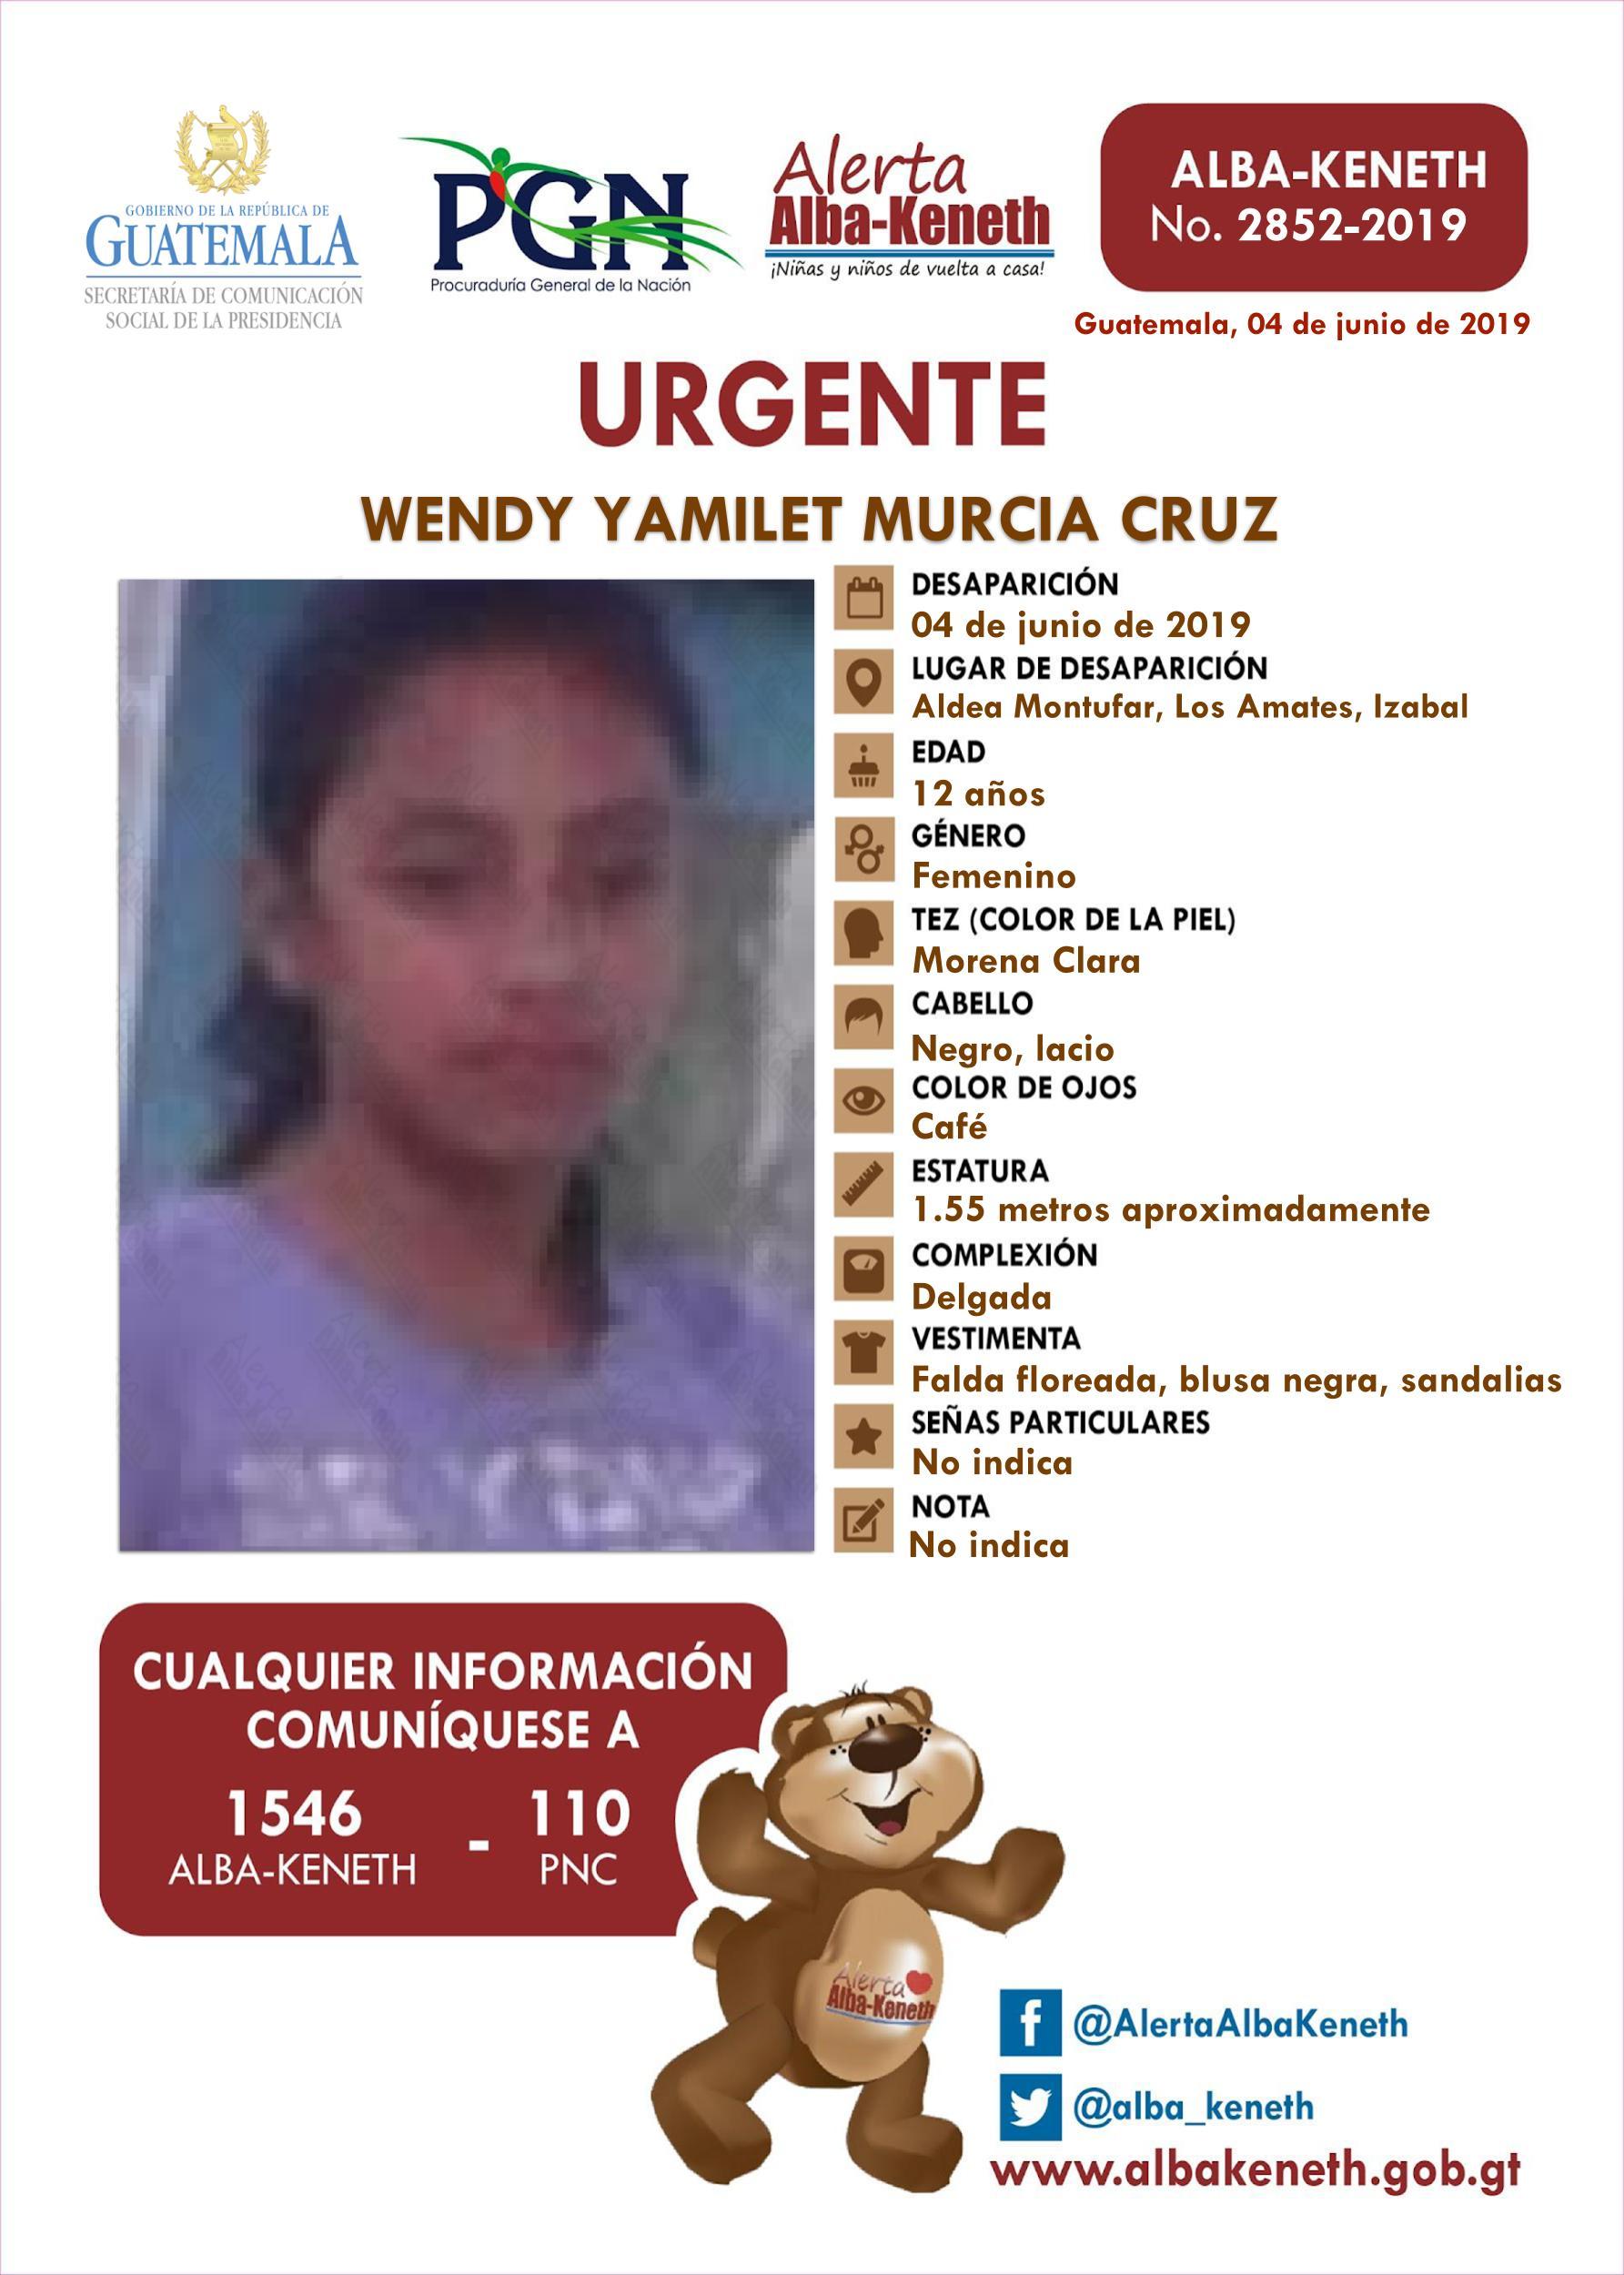 Wendy Yamilet Murcia Cruz